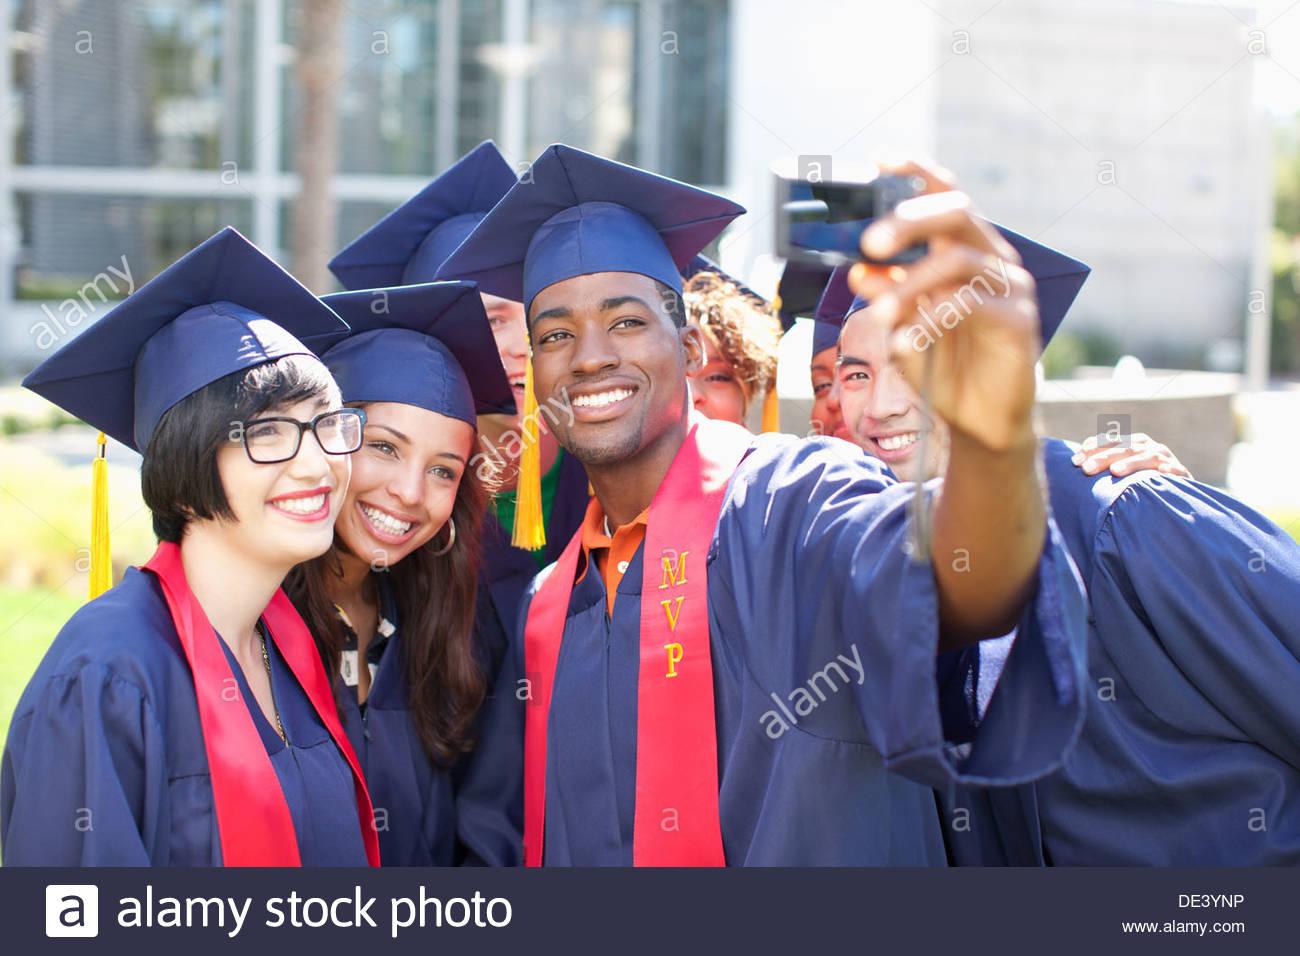 Graduados teniendo imagen de sí mismos Imagen De Stock